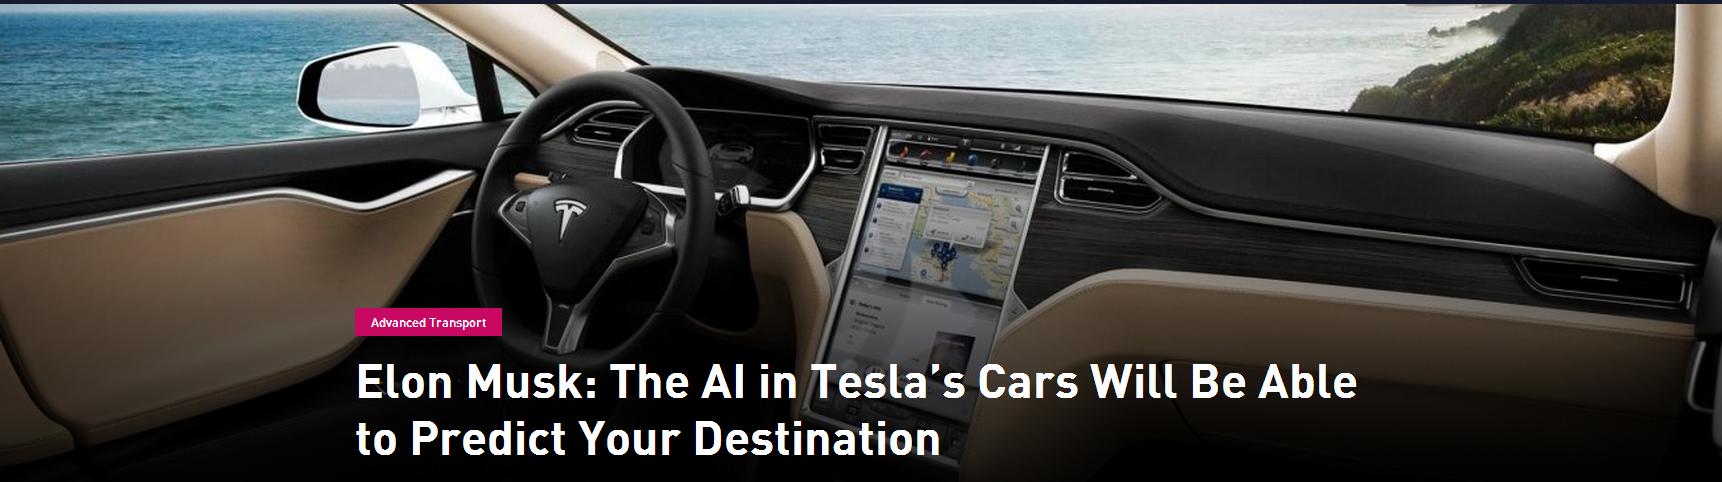 马斯克:特斯拉车载AI将能预测乘客目的地